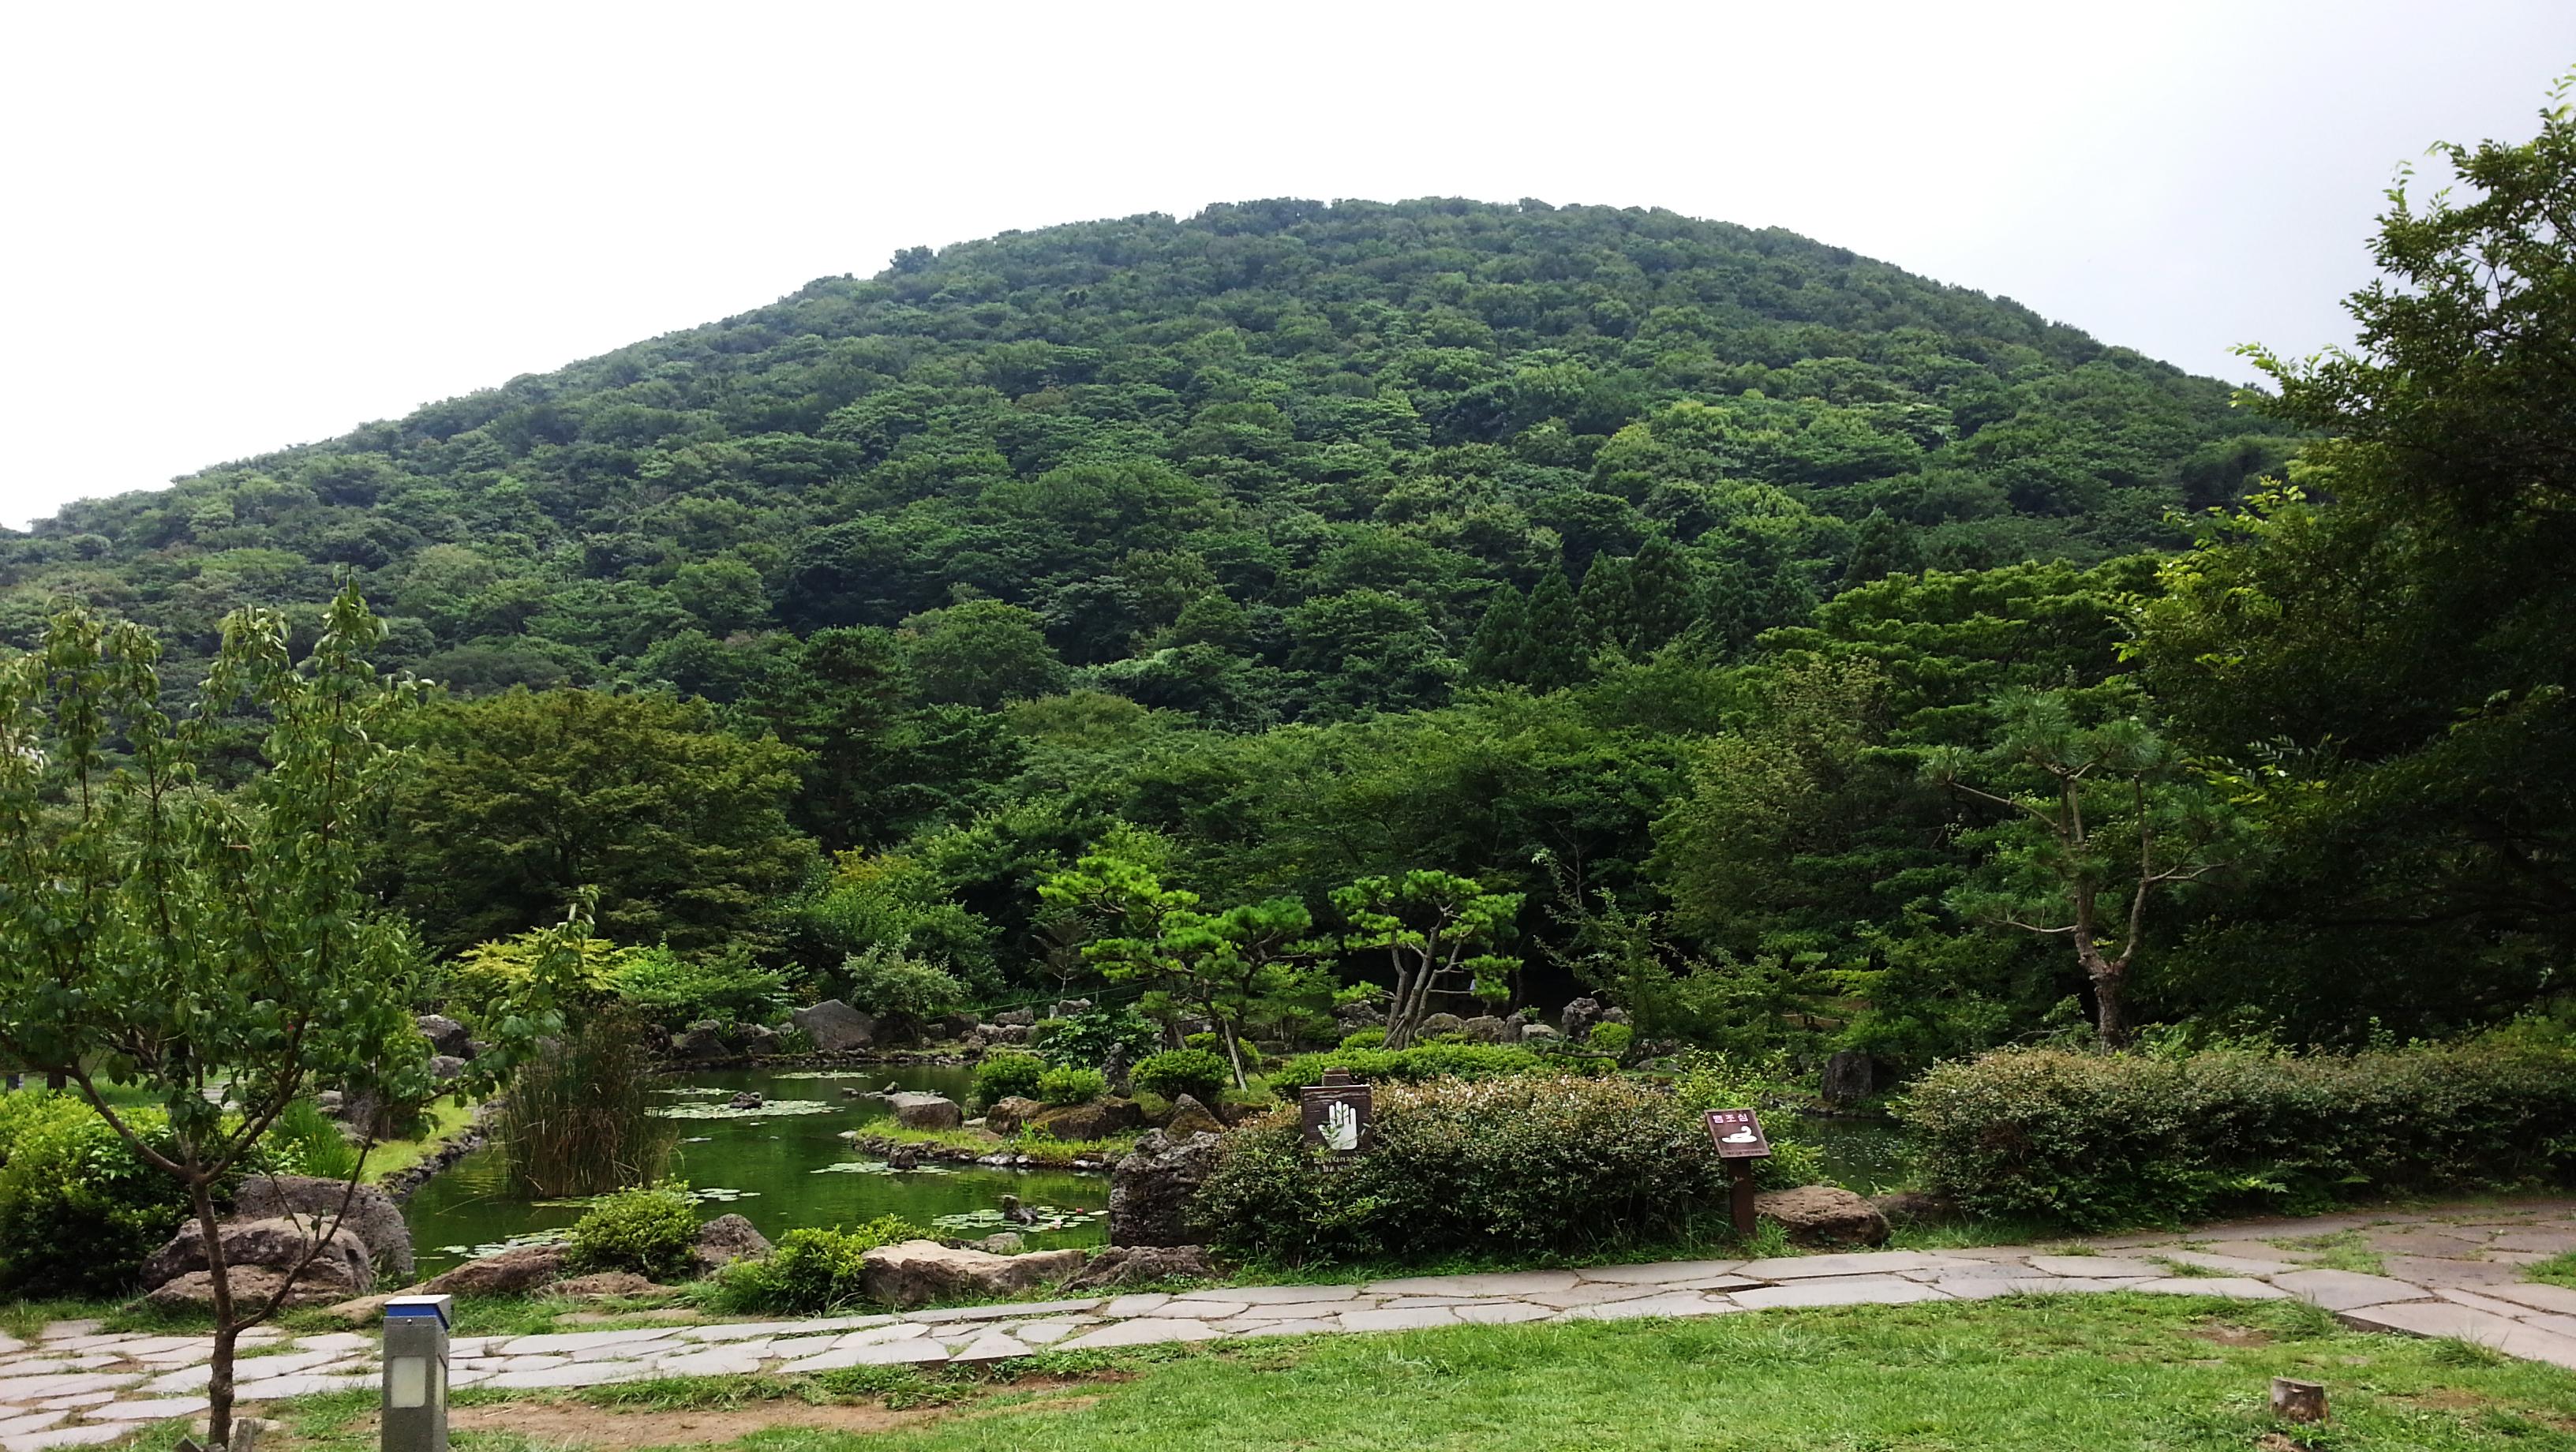 9. 절물오름(절물휴양지 연못에서 보기)